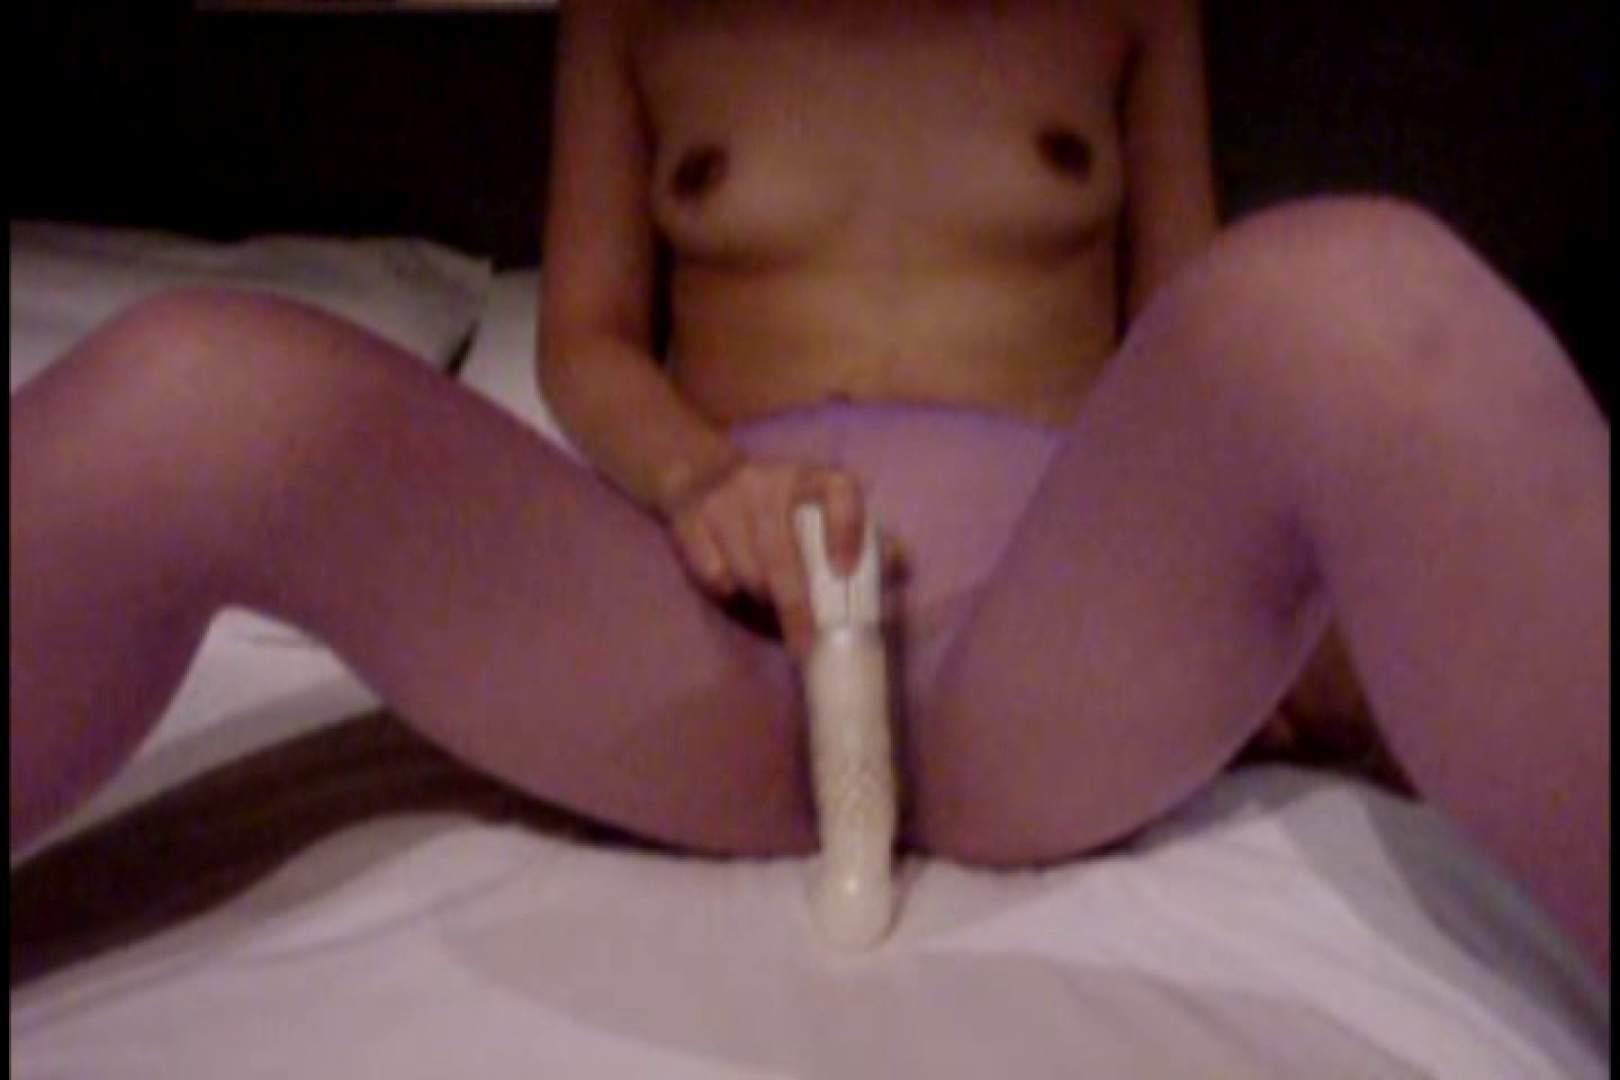 ウイルス流出 九州工学部女子大生藤野瑠美 名人 | 色っぽい女子大生  104pic 43